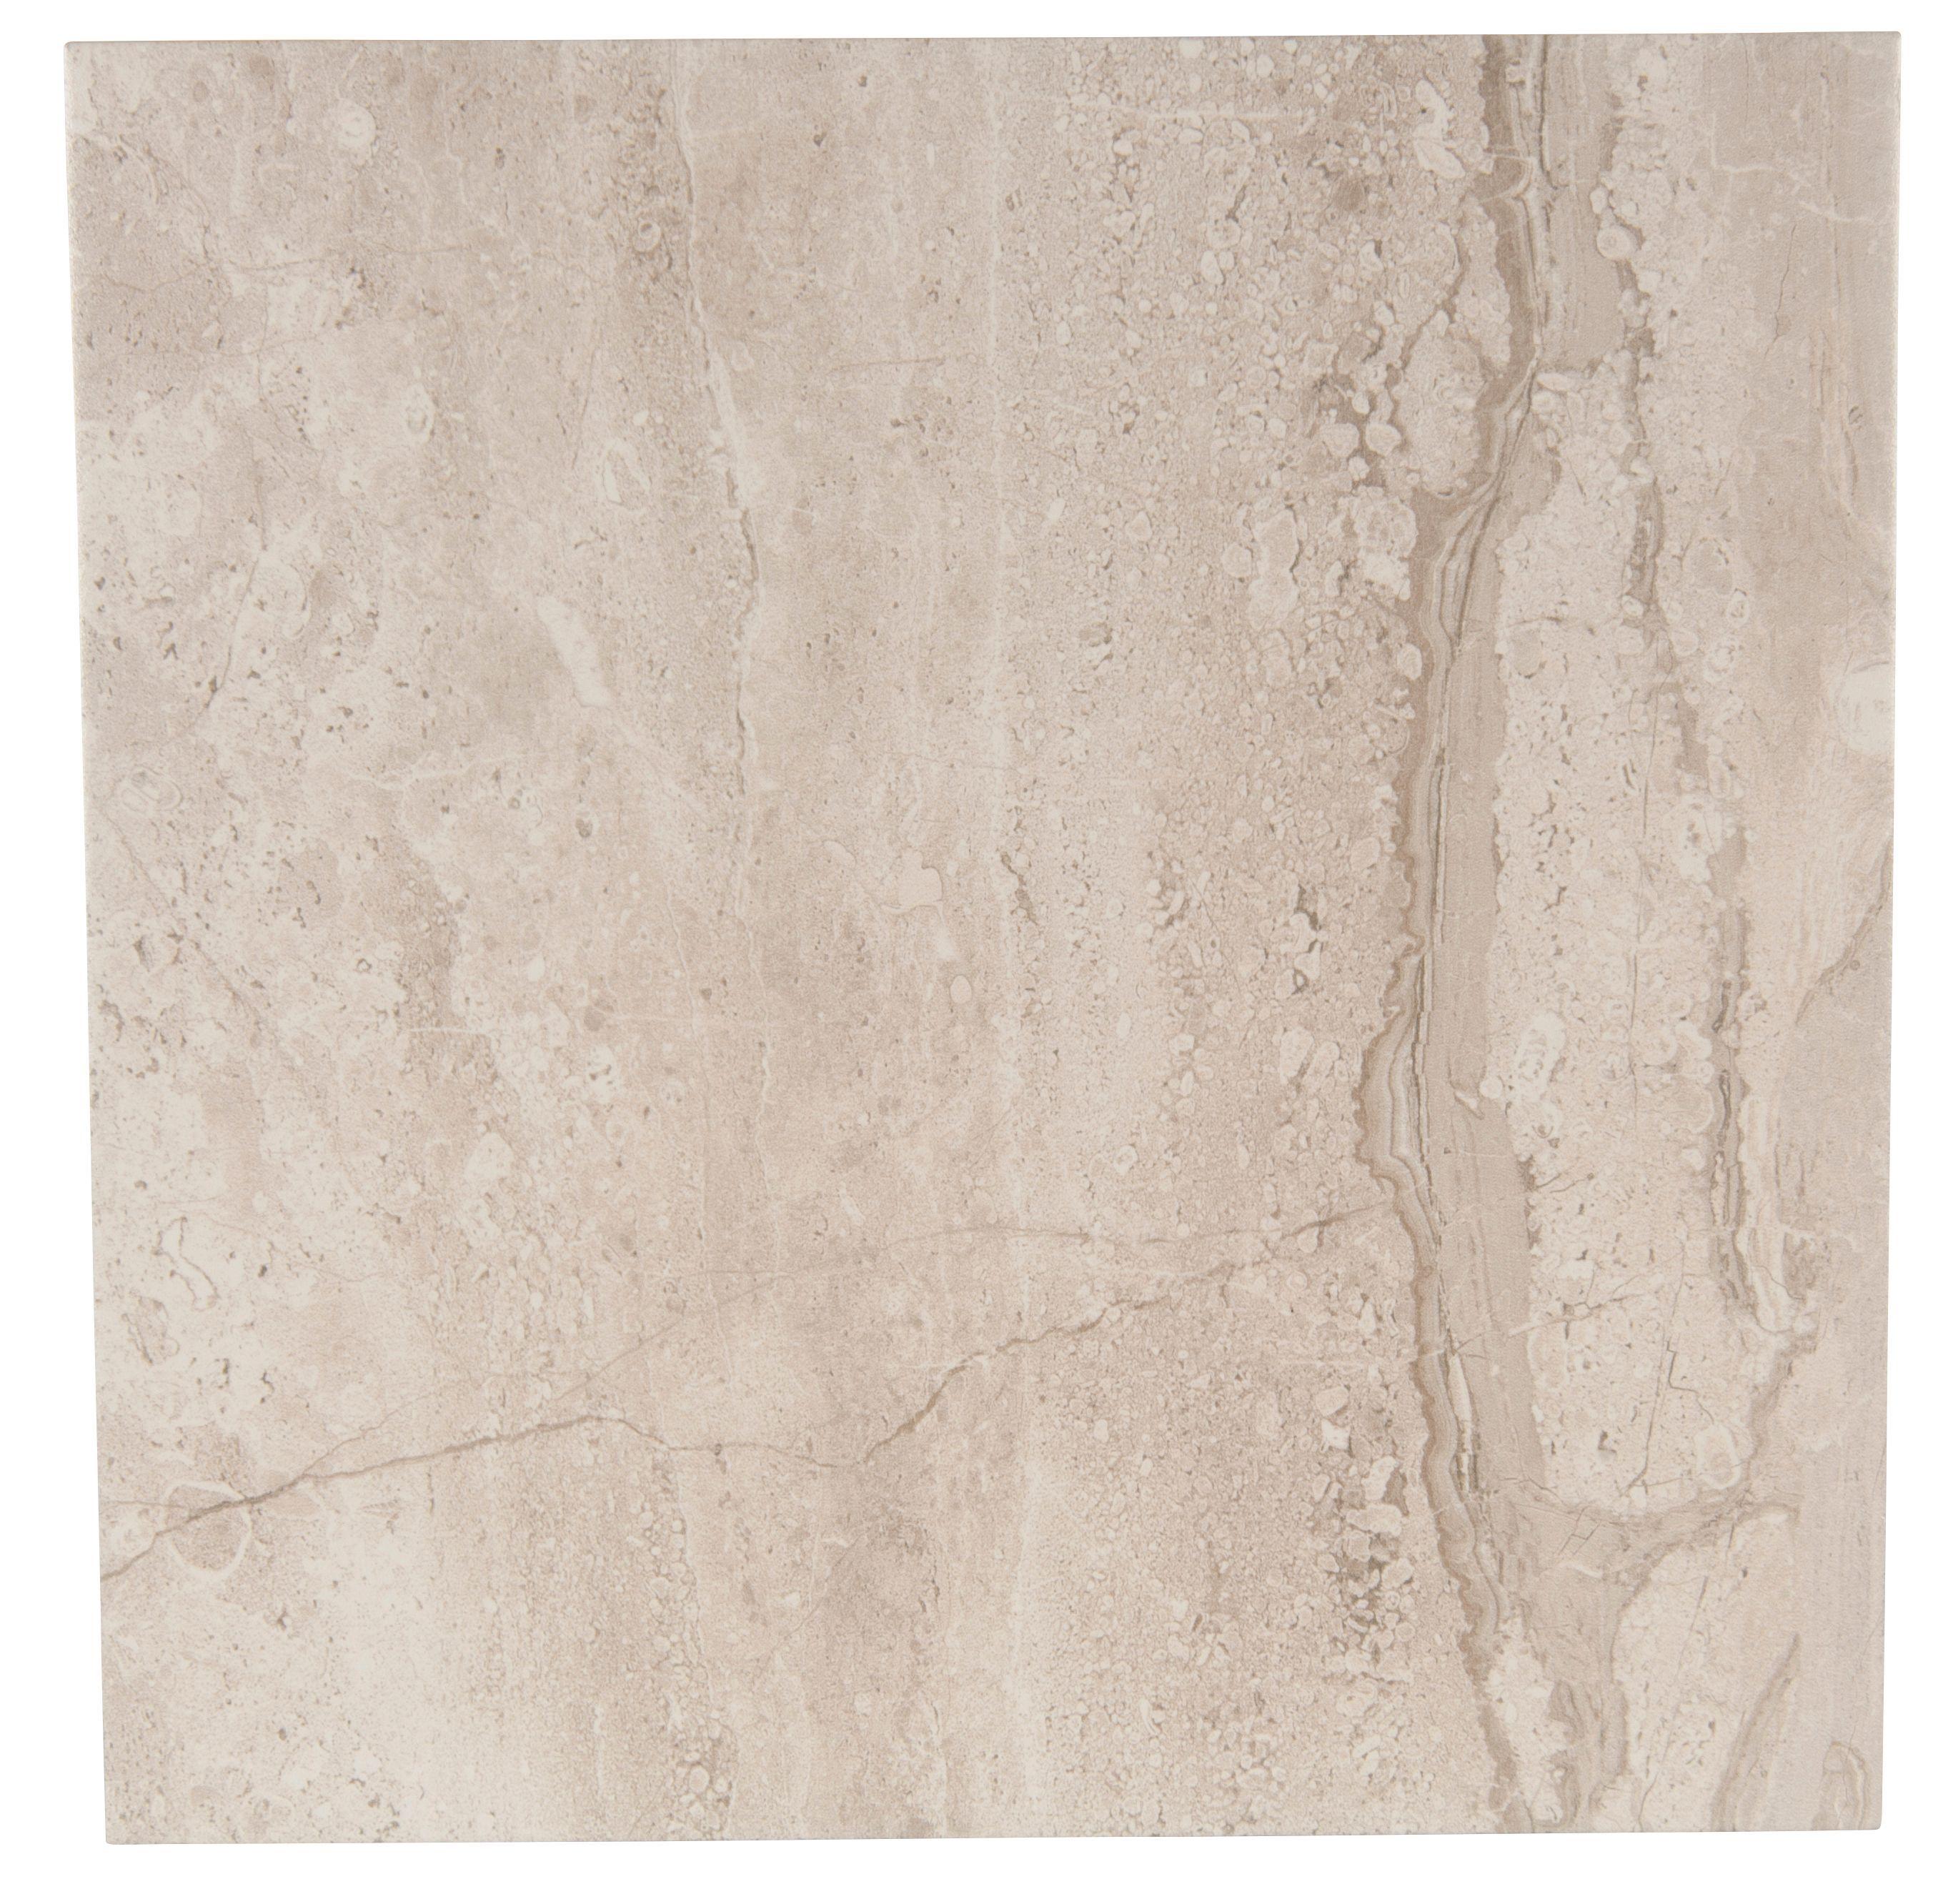 Bali Grey Stone Effect Porcelain Floor Tile Pack Of 9 L